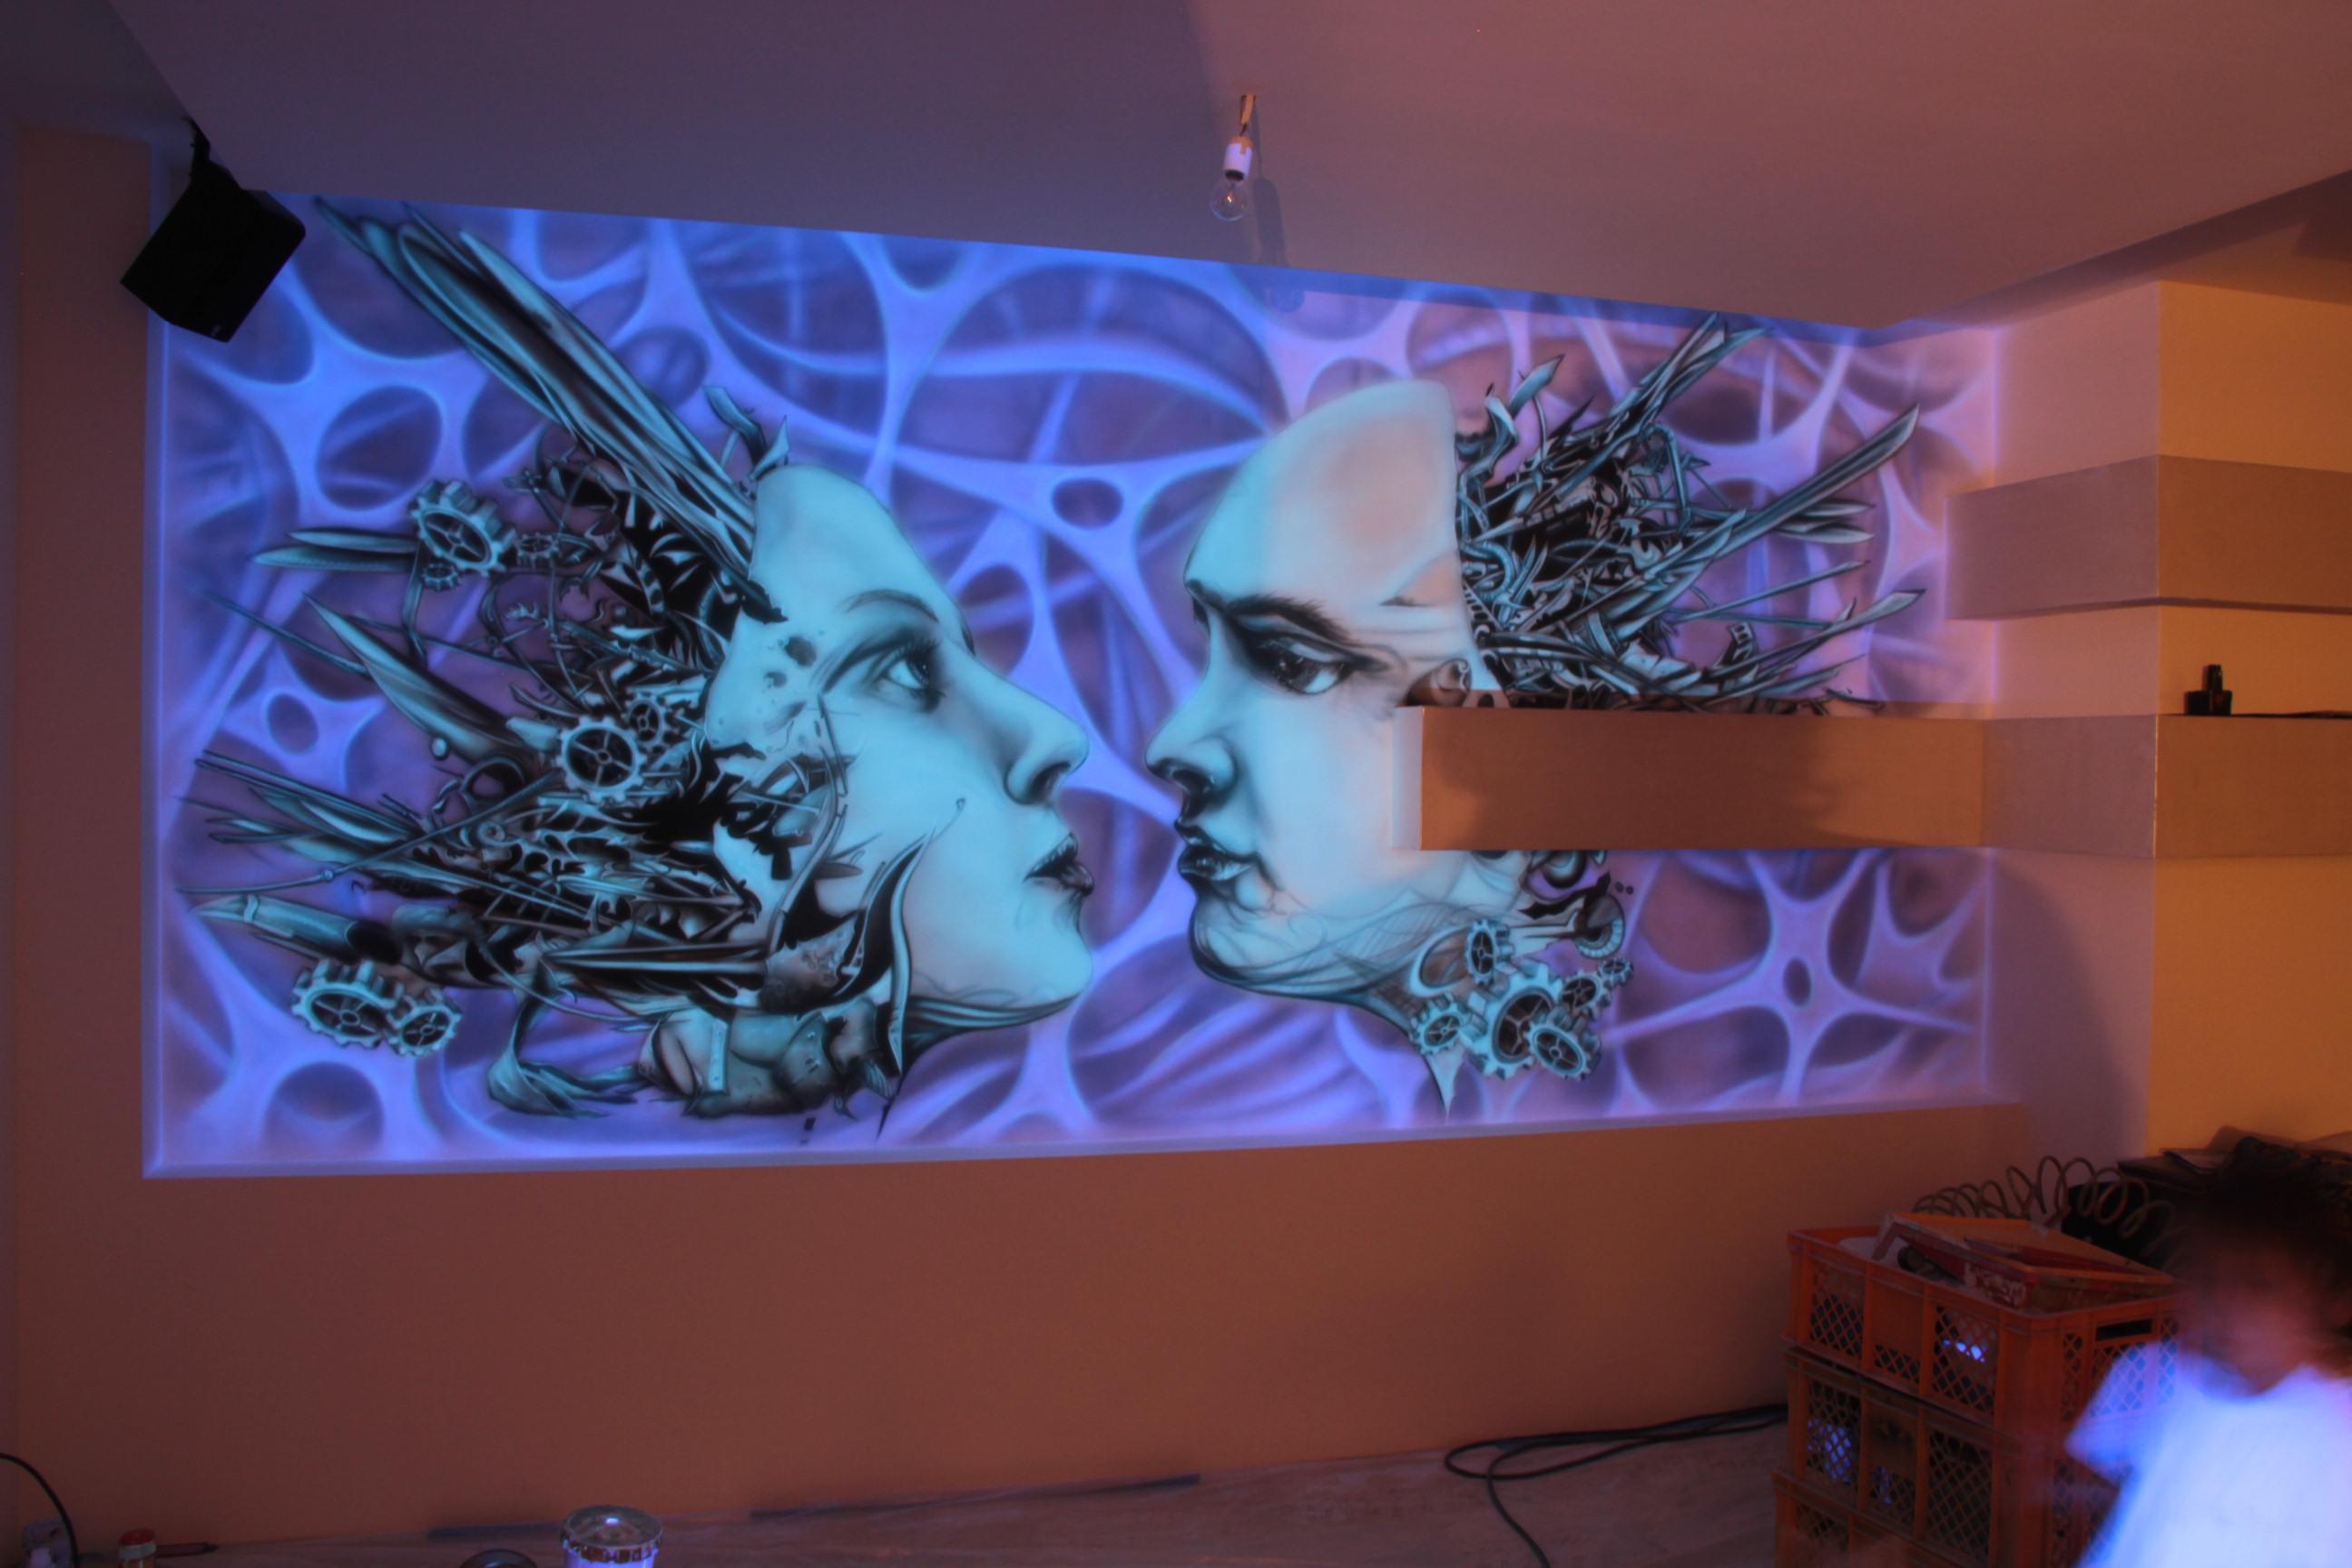 Abstrakcyjny obraz do nowoczesnego wnętrza, mural UV w ultrafiolecie, malowanie biomechaniki,